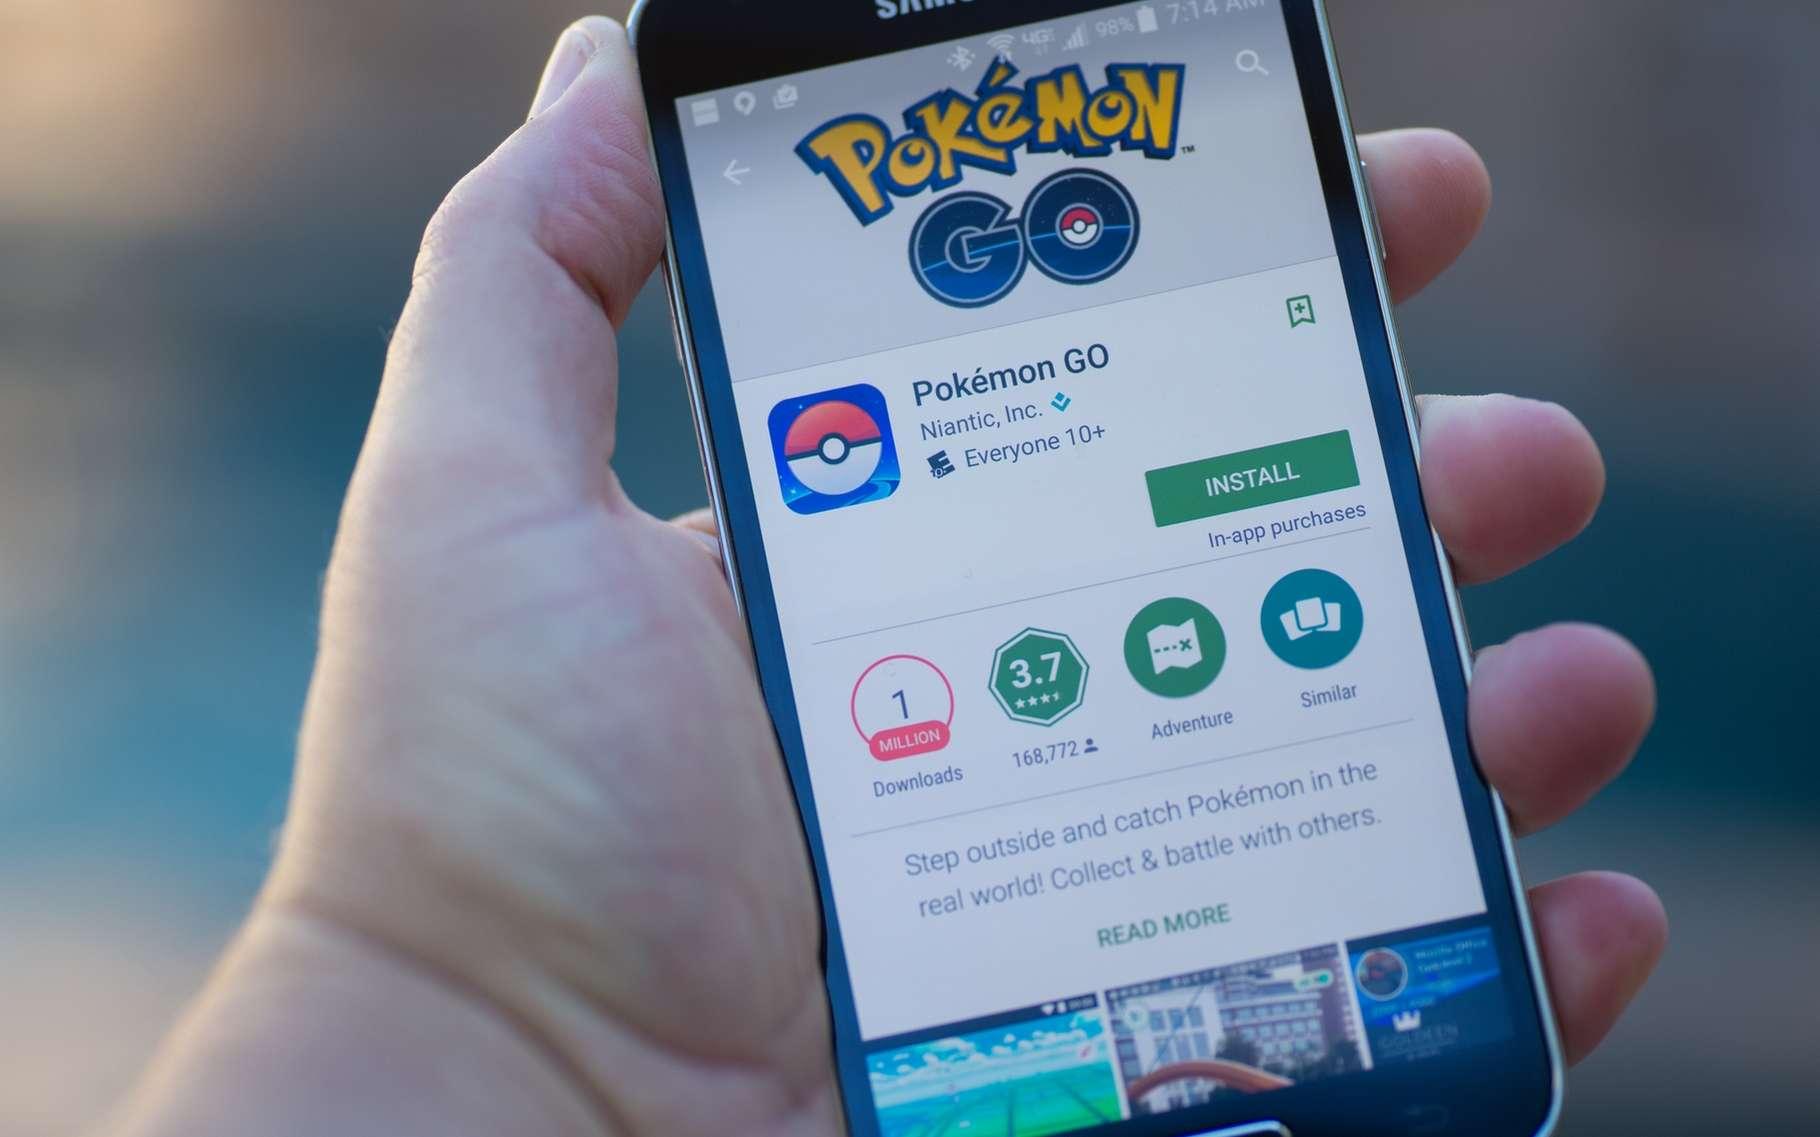 Le passage du jeu Pokémon à la réalité augmentée est visiblement un succès pour Nintendo. © Randy Miramontez, Shutterstock